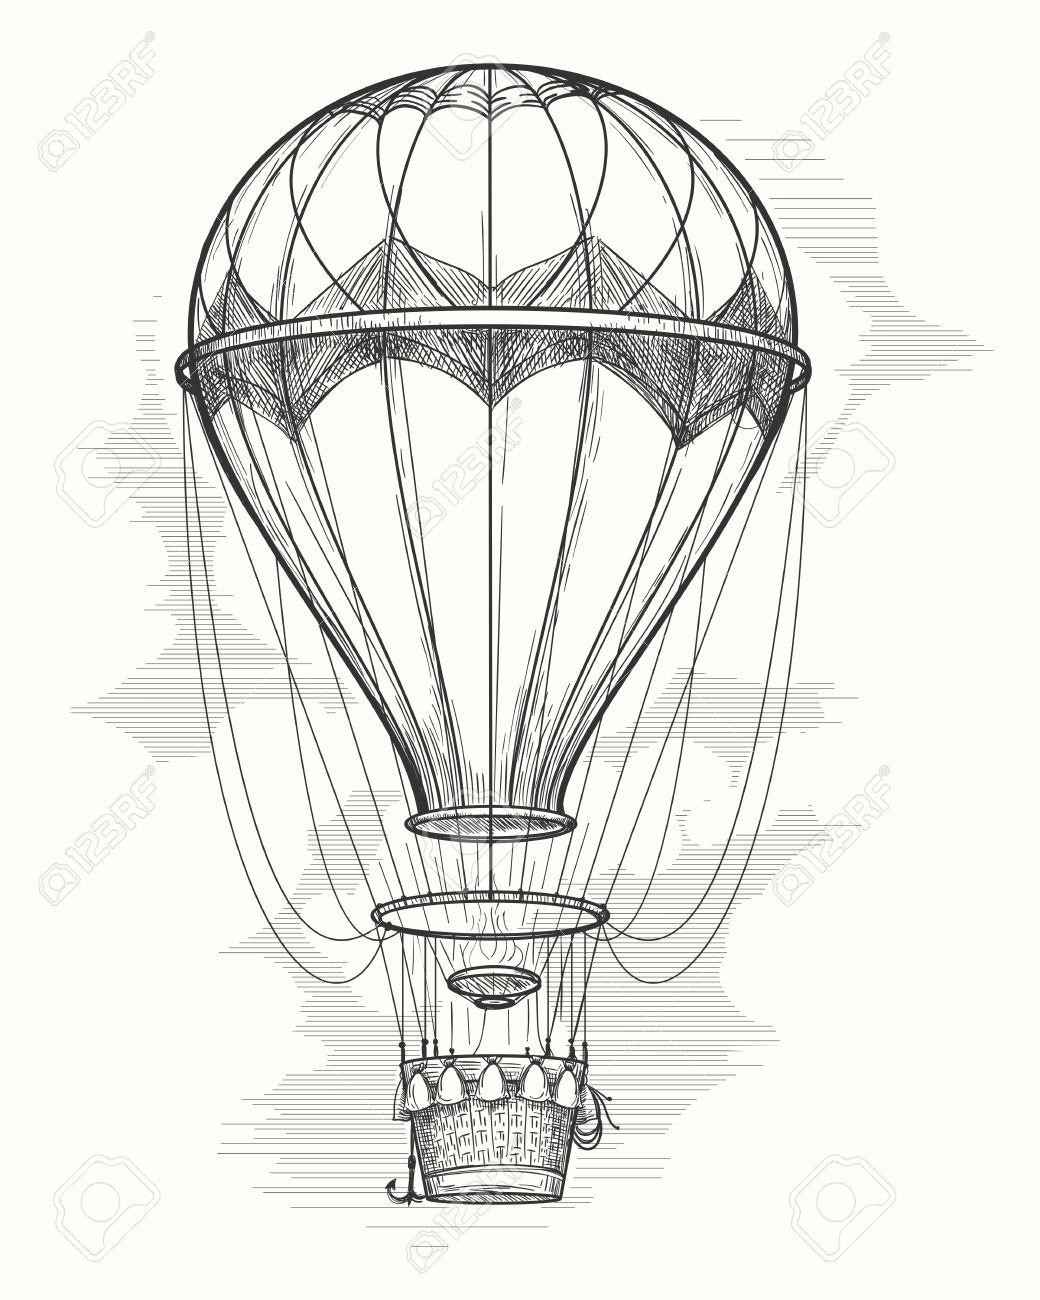 1040x1300 Retro Hand Drawing Hot Air Balloon. Vintage Hot Air Airship Vector